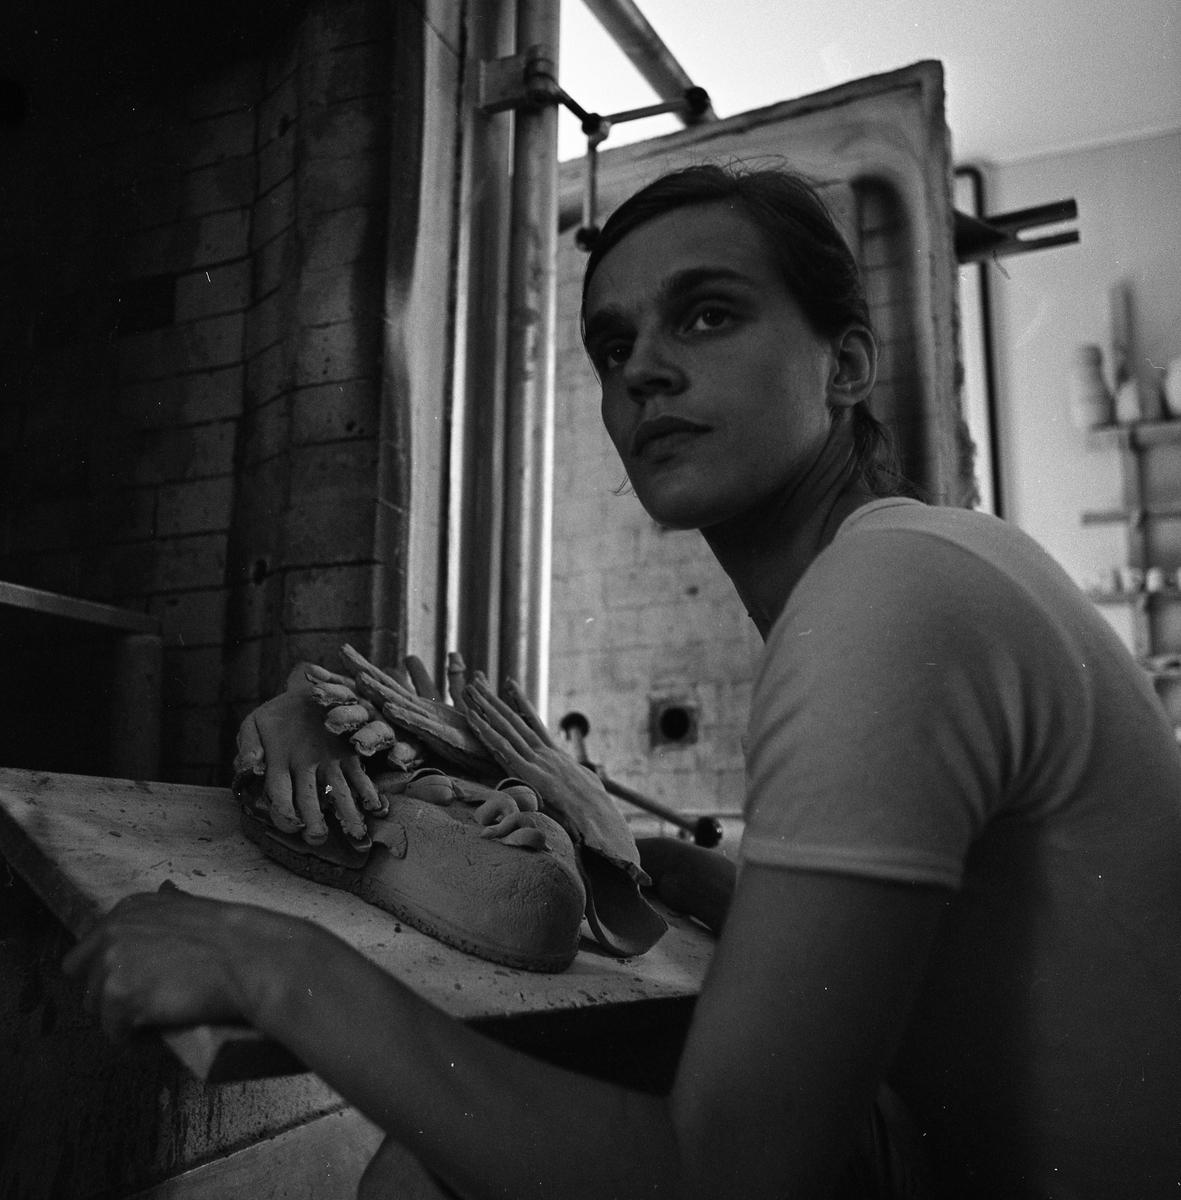 """Keramiker Kerstin Hörnlund i ateljén i en ågård på norr. Hon har en skulptur framför sig. Läs Kerstins text """"Konstnärsliv i Arboga - möten och minnesbilder"""" i Arboga Minnes årsbok 1998."""